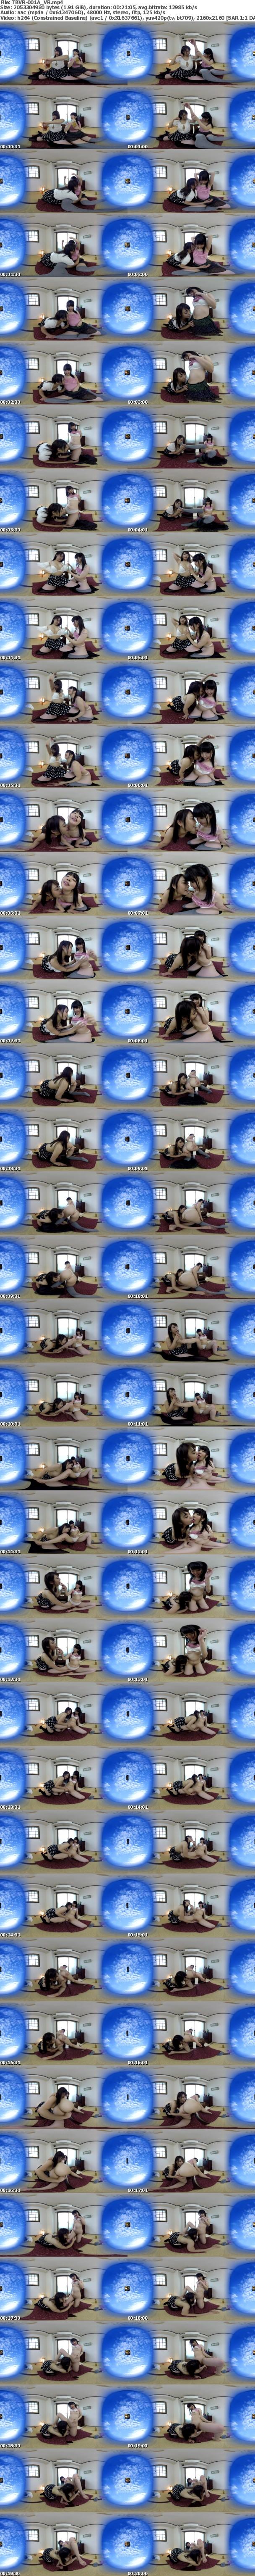 VR/3D TBVR-001 濃厚バーチャルレズビアン3本立て!着エロアイドル渚野洋子AVデビュー! ねっとりベロチュー、双頭ディルドで連続絶頂!!